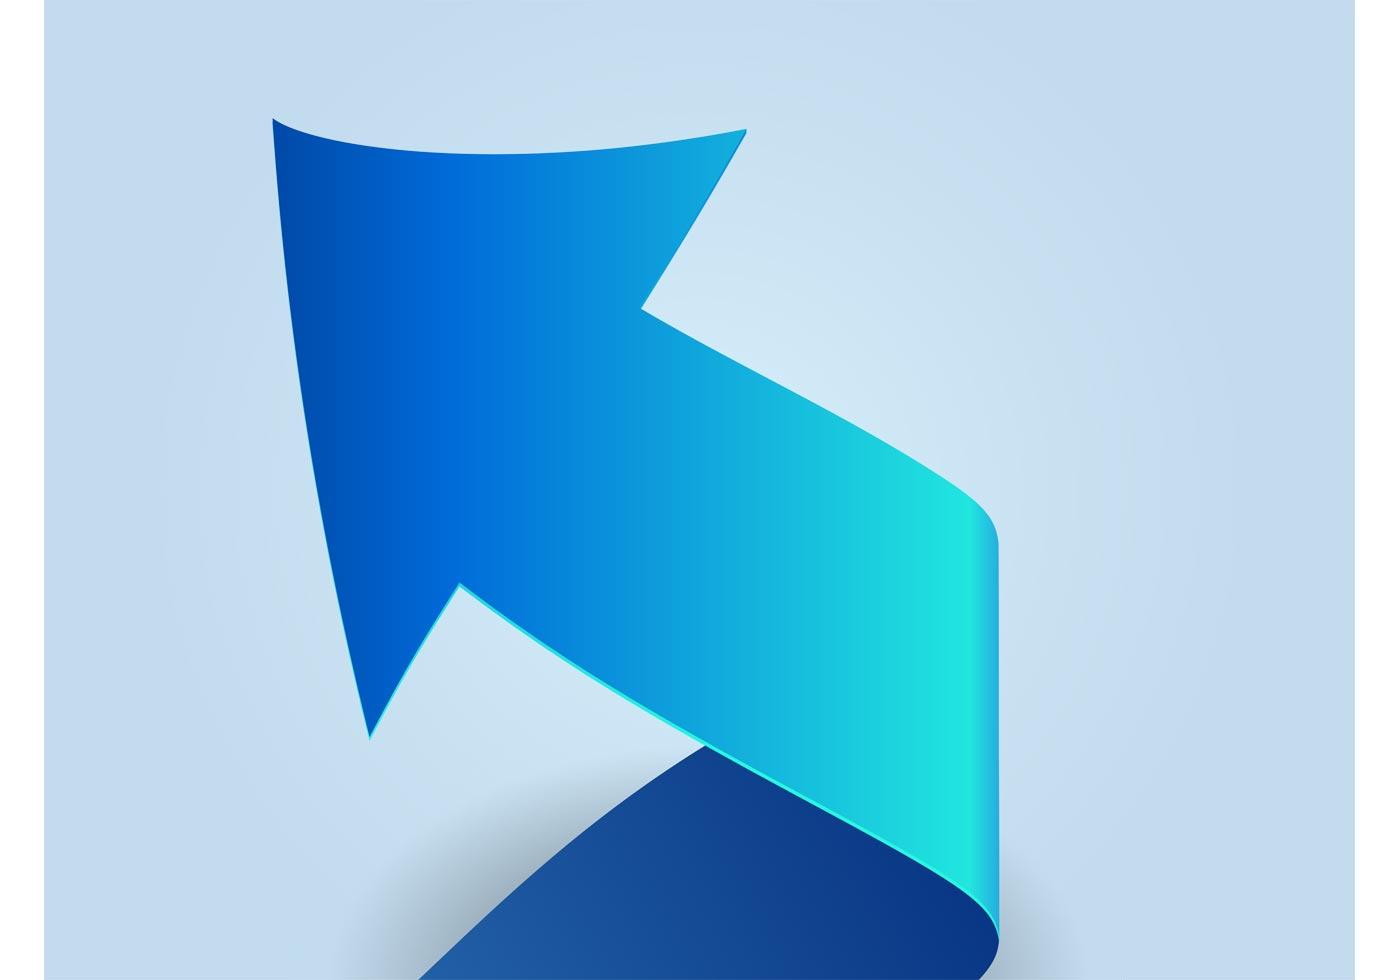 Arrow Vector - Download Free Vector Art, Stock Graphics ...